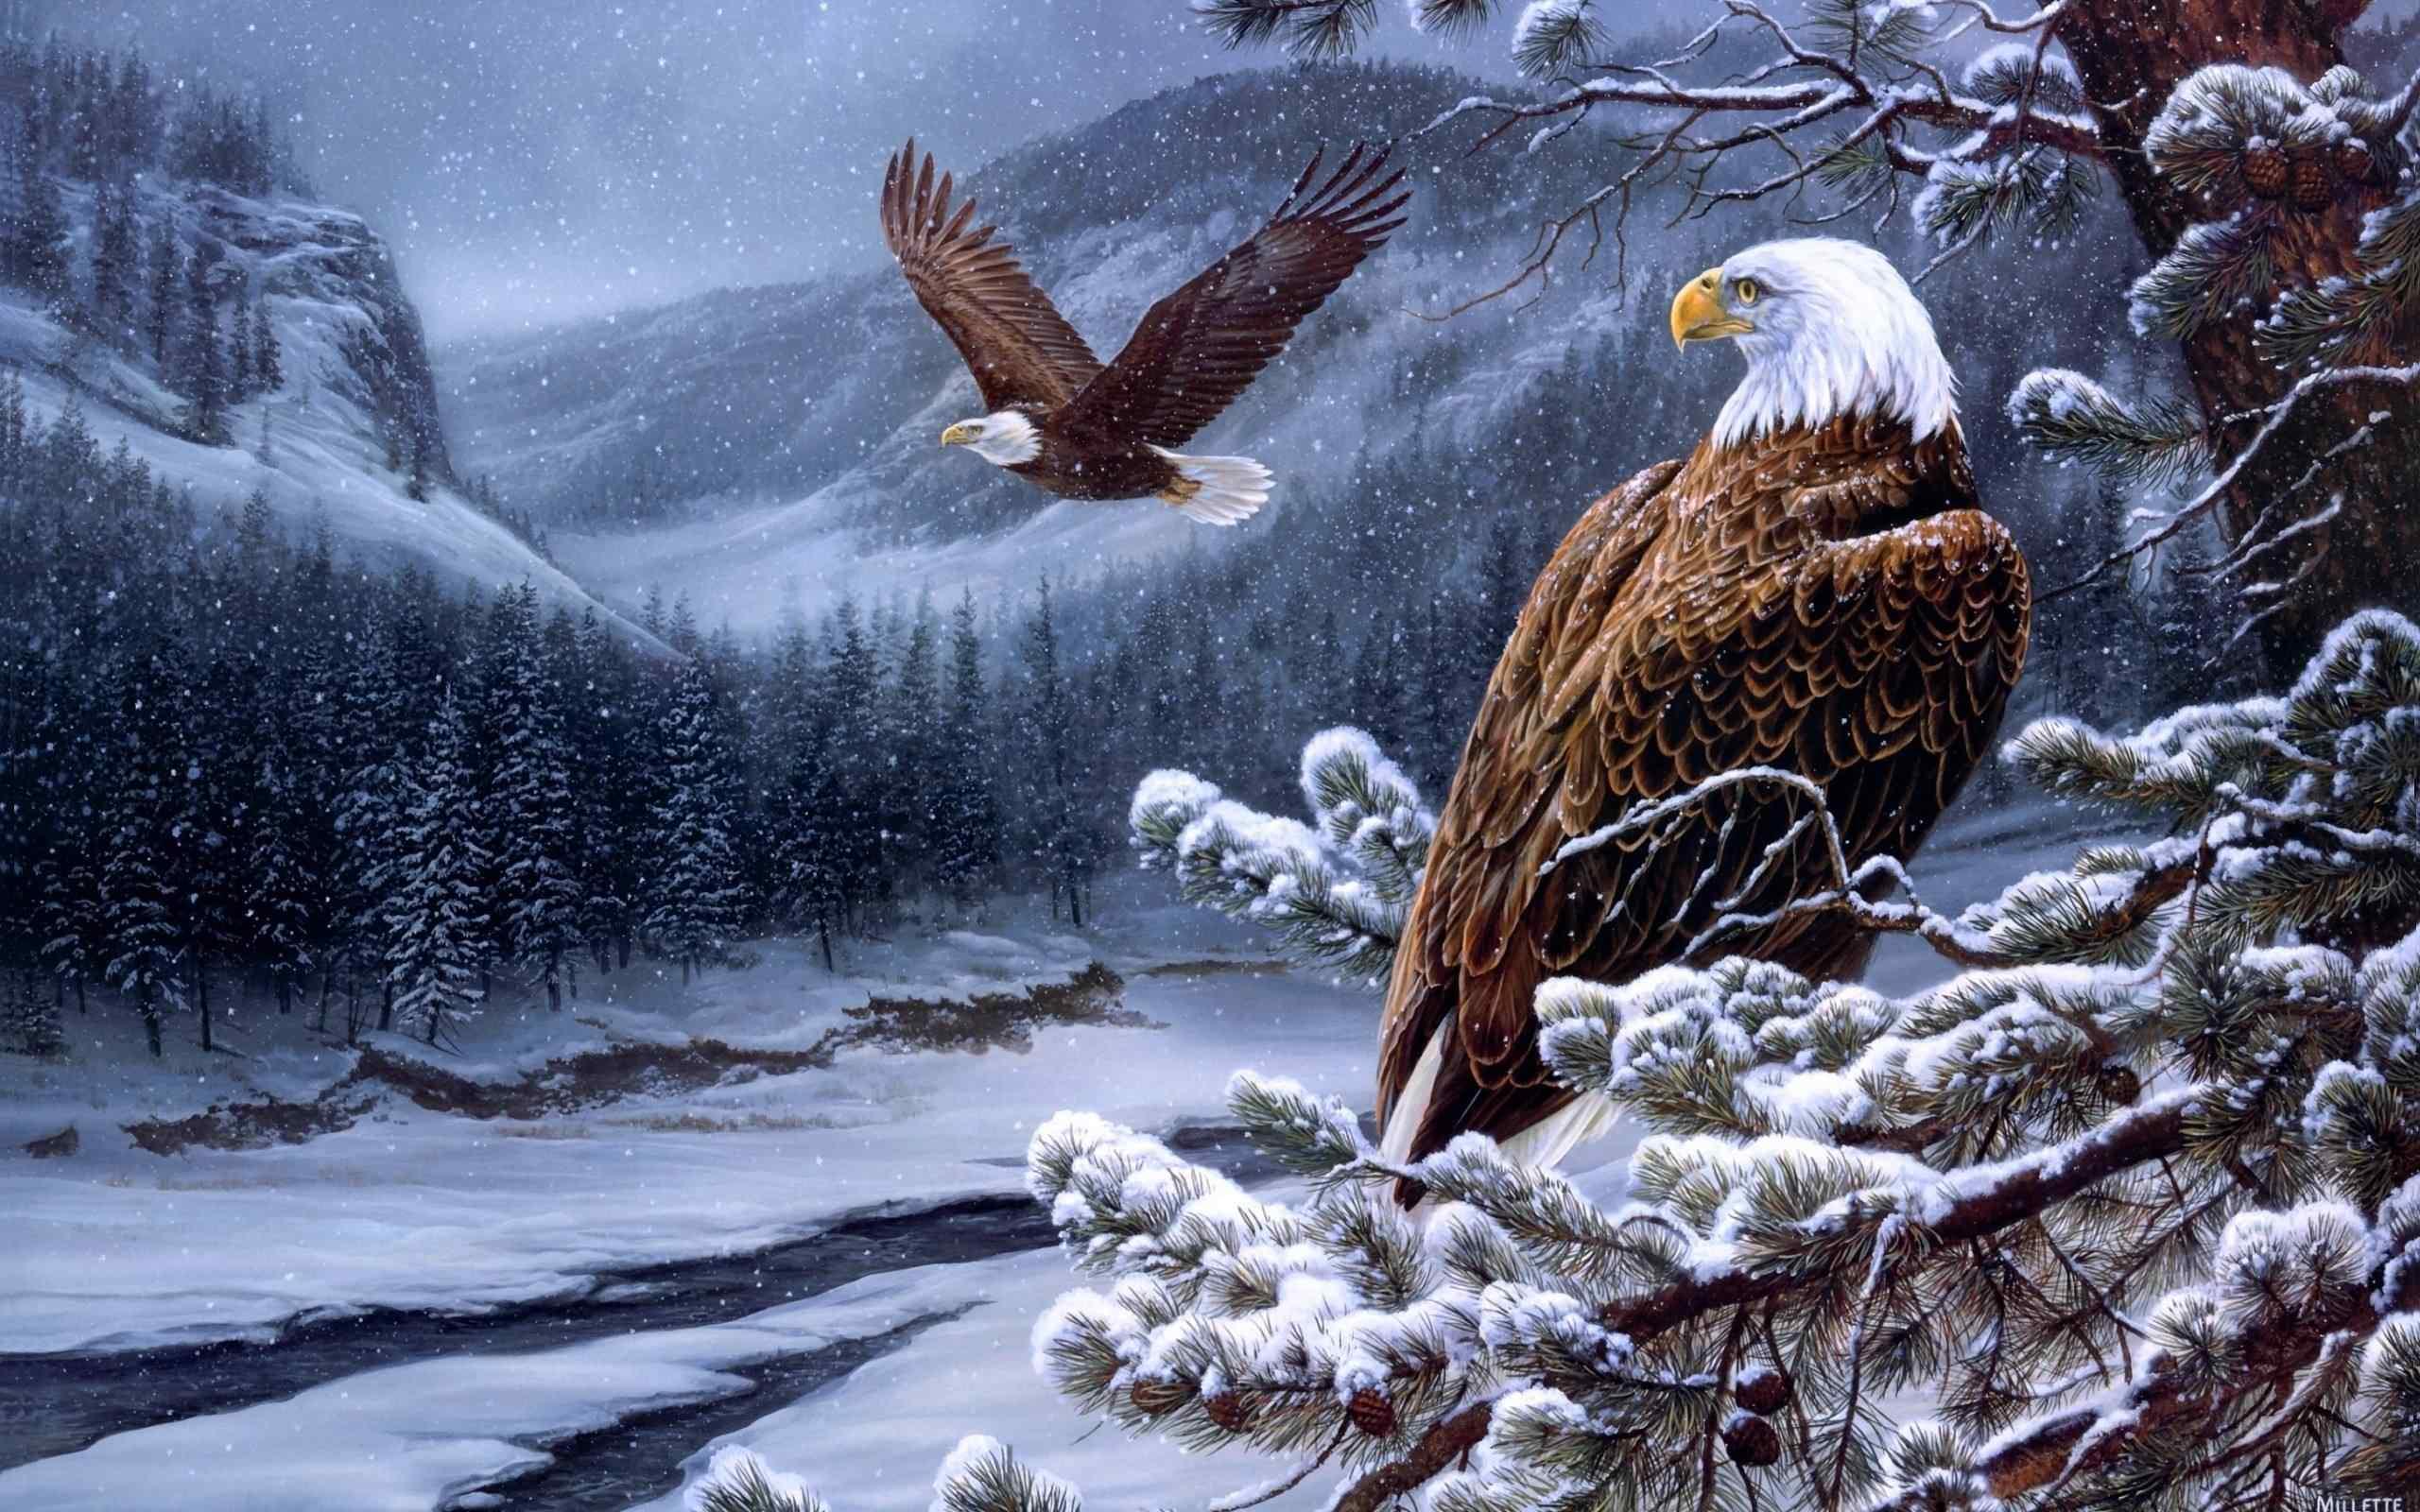 雪山森林里的老鹰图片桌面壁纸